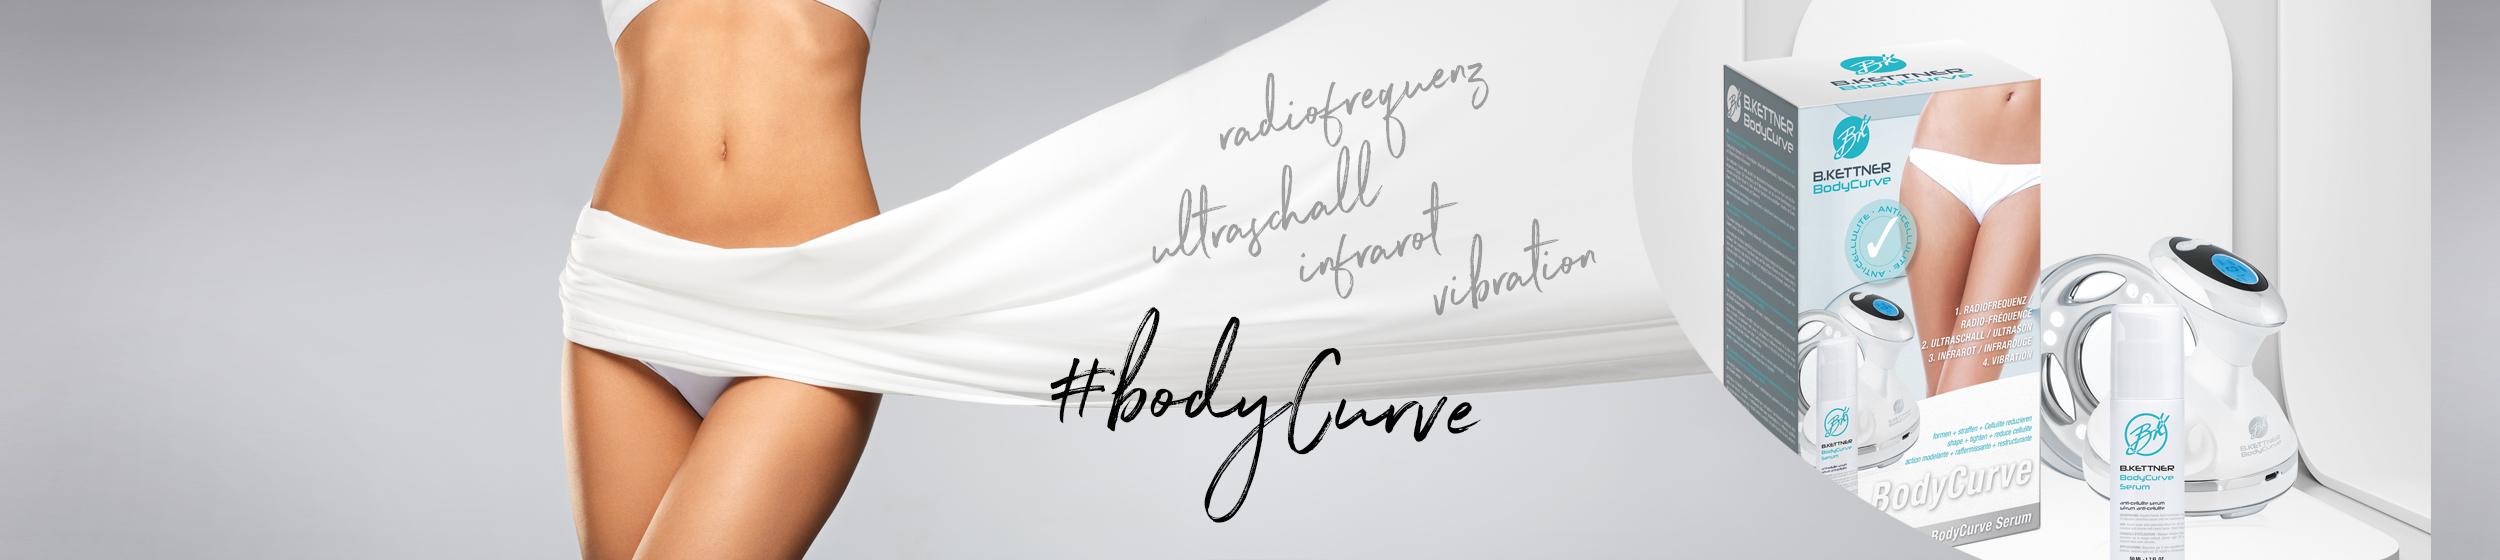 BodyCurve